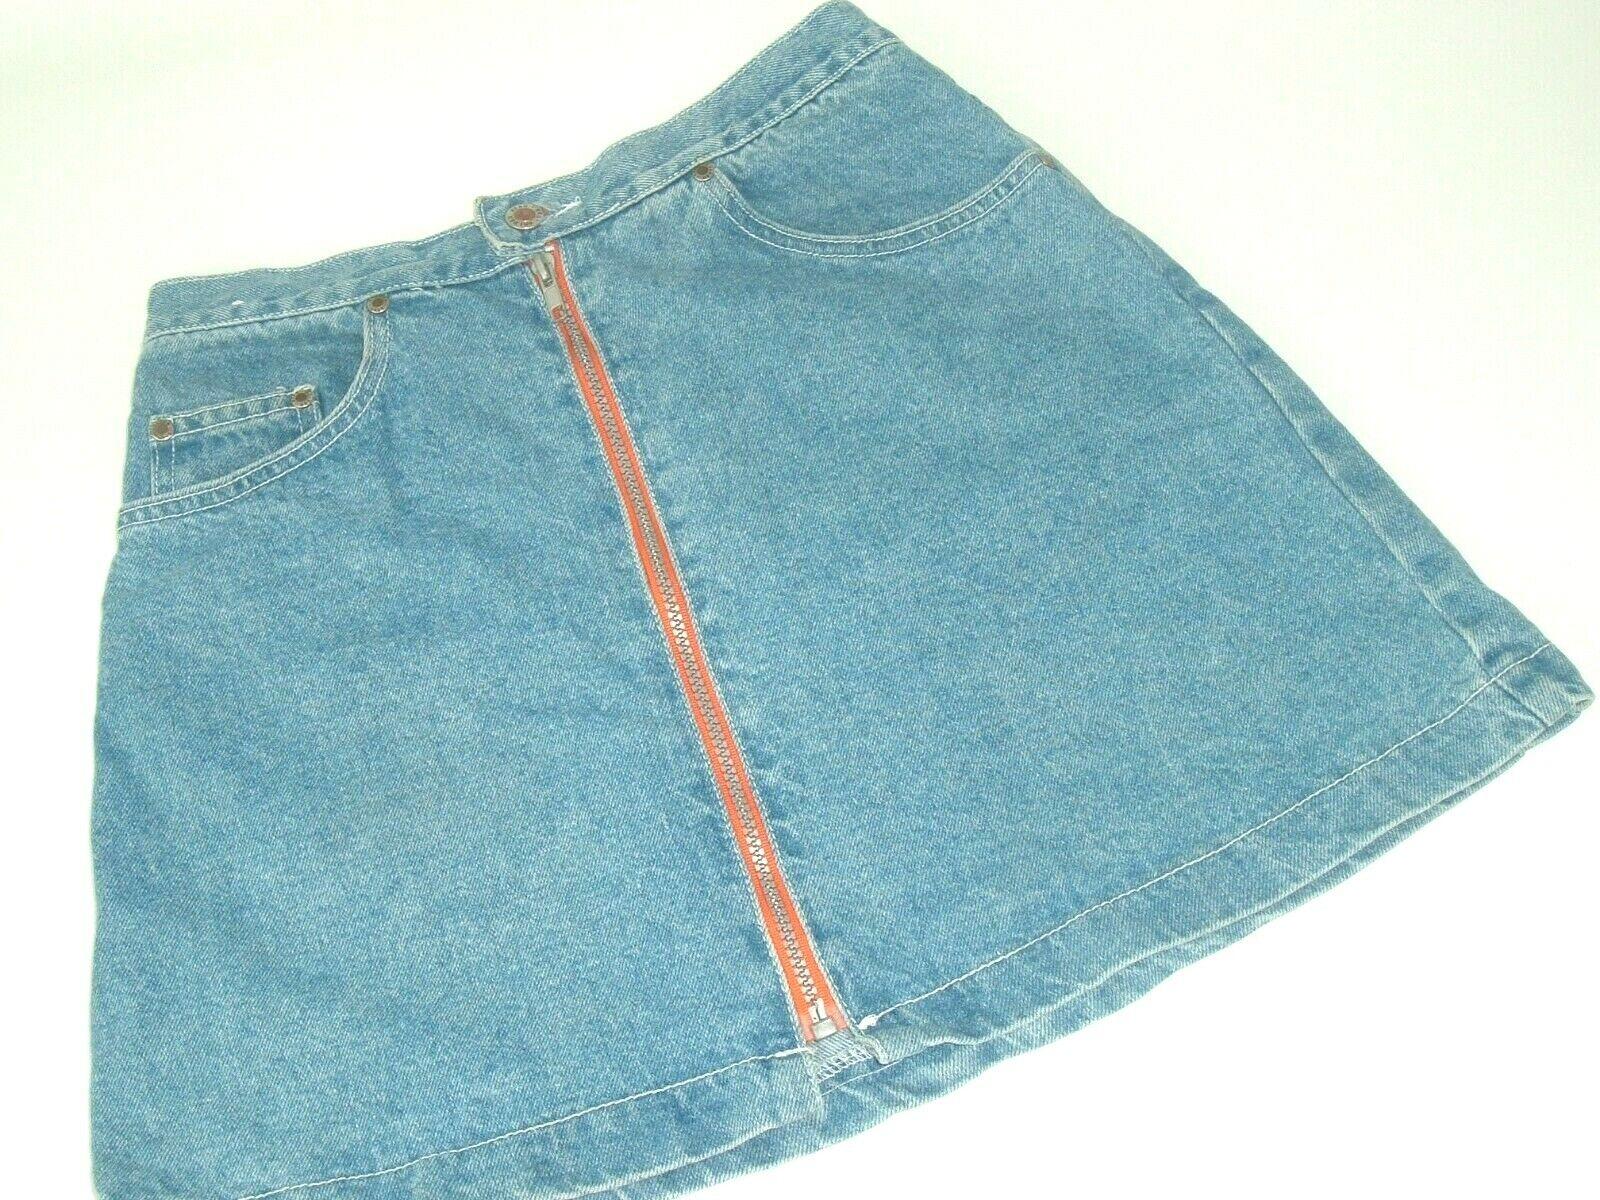 Vtg 90s Denim Skirt orange Zipper Front golden Star USA S Street wear grunge